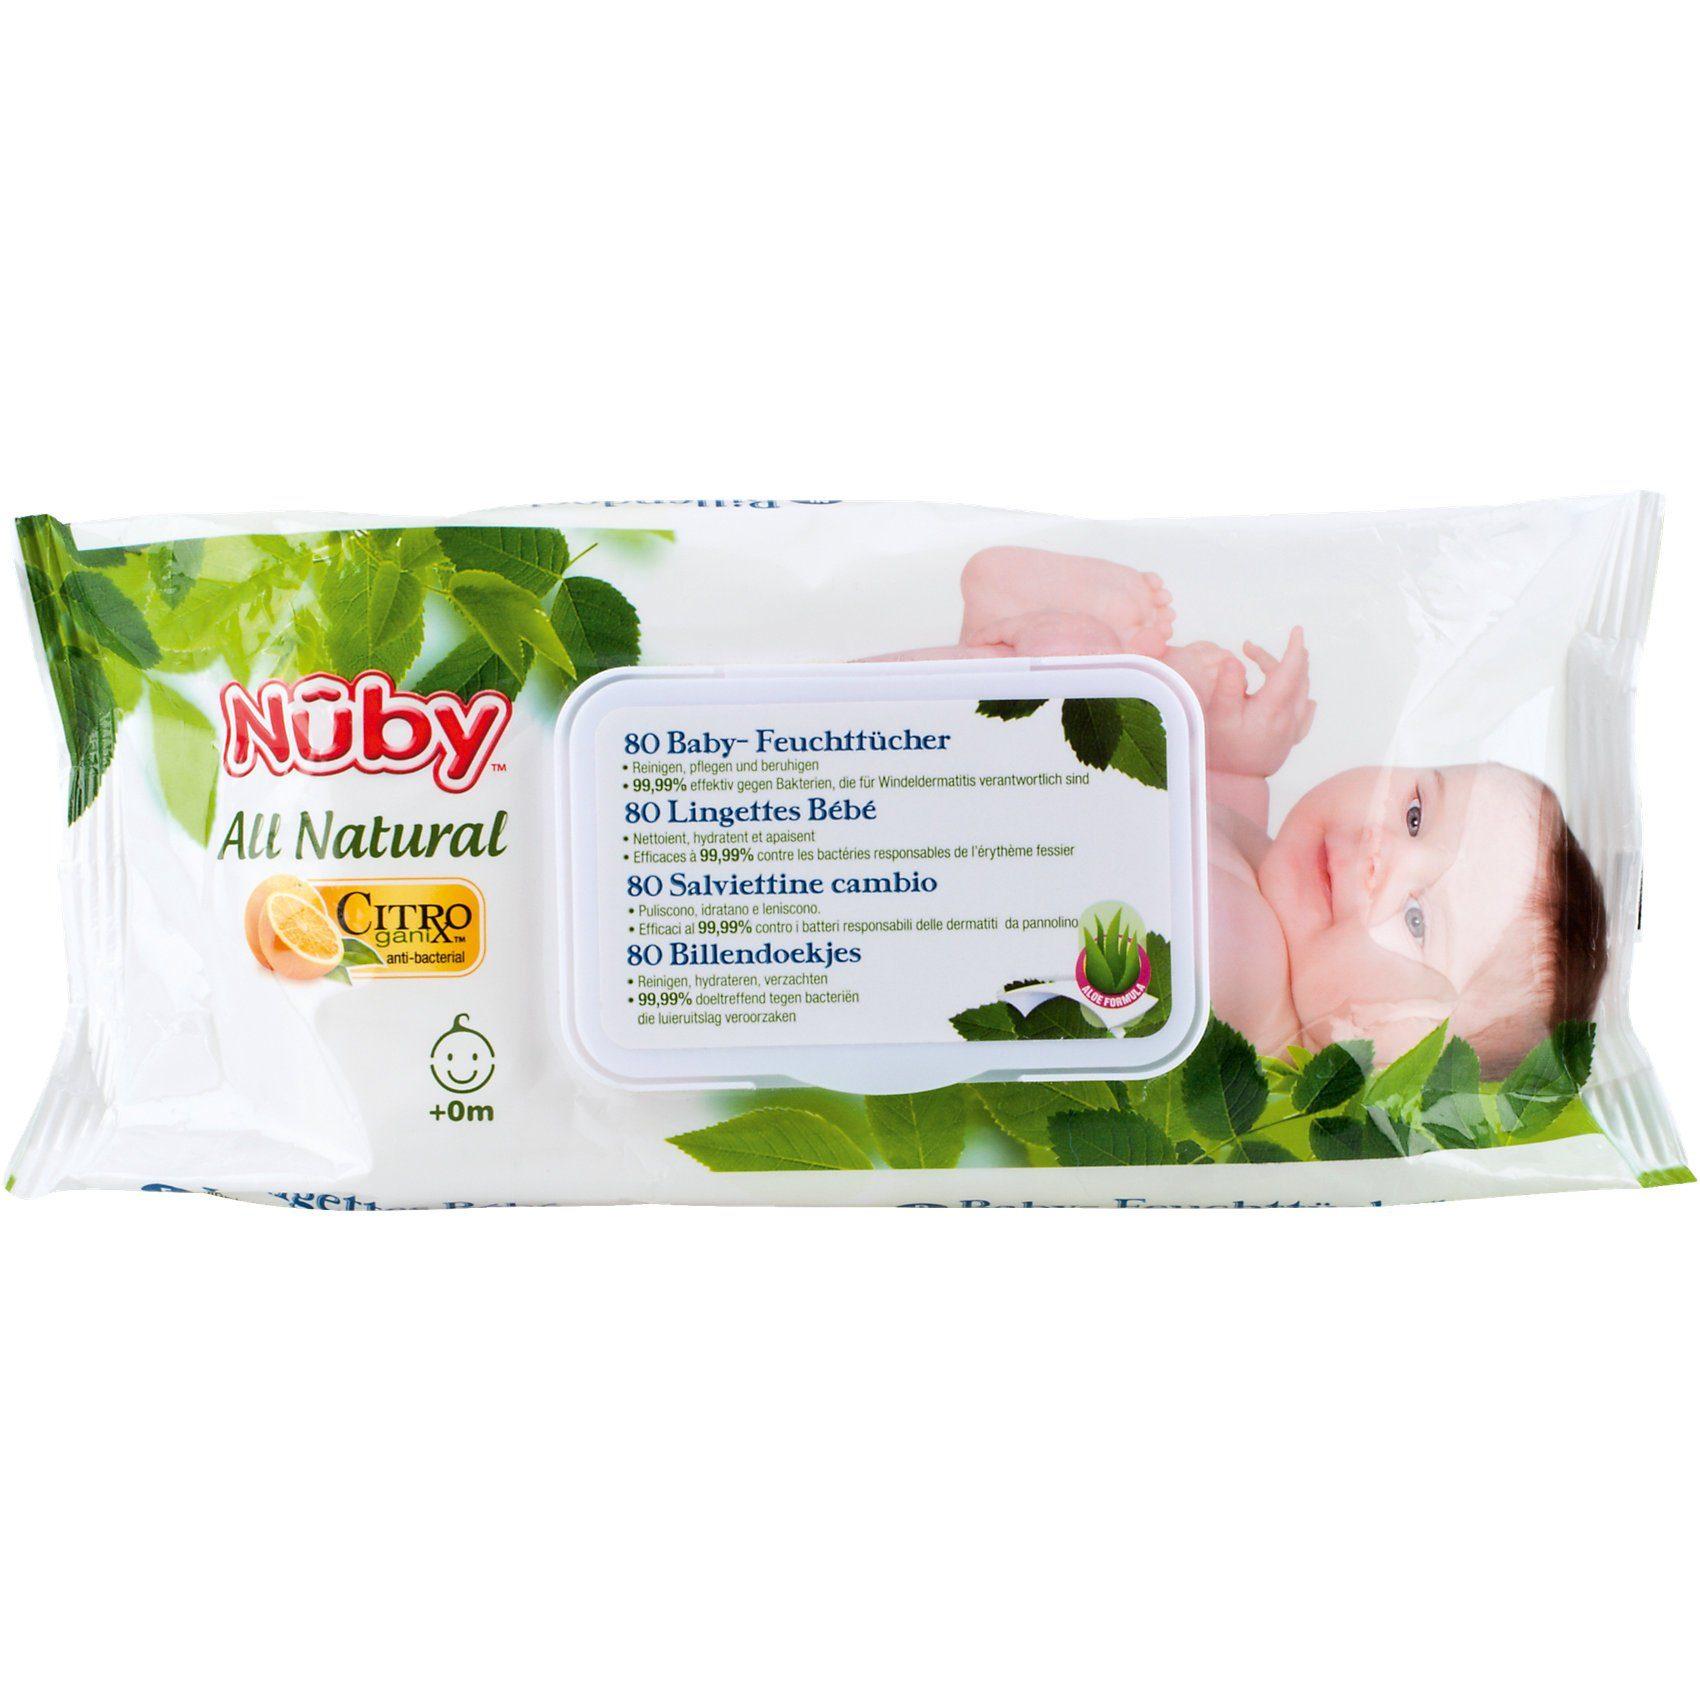 Nuby Baby-Feuchttücher All Natural , 2er Pack